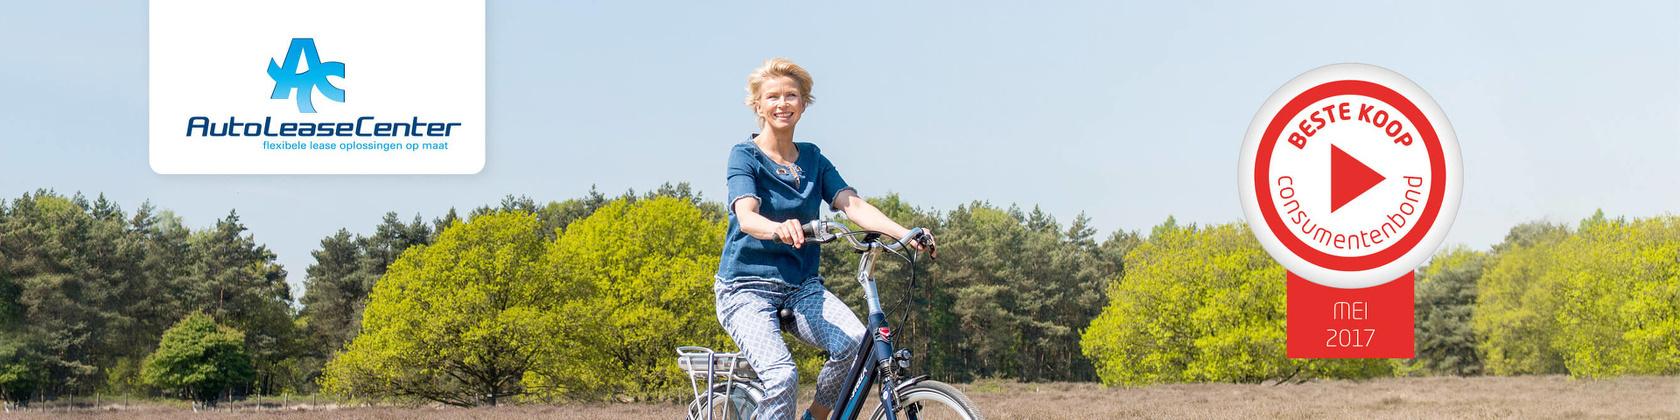 Gratis Stella elektrische fiets bij uw lease-auto